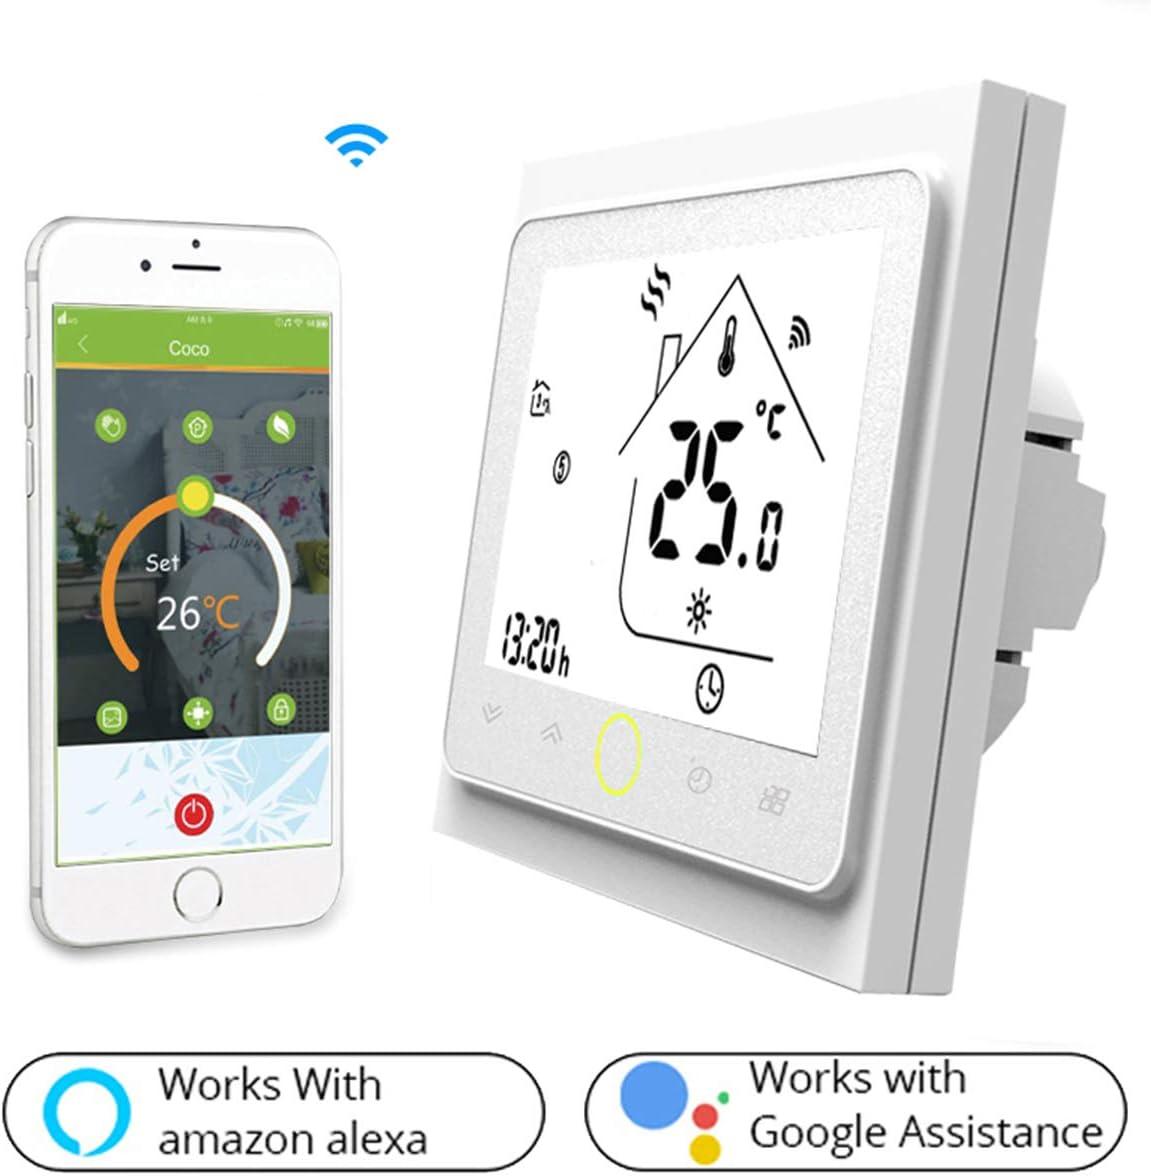 Termostato Inteligente para caldera de gas/agua,Termostato Calefaccion Wifi Pantalla LCD (pantalla TN) Botón táctil retroiluminado programable con Alexa Google Home and Phone APP-Blanco